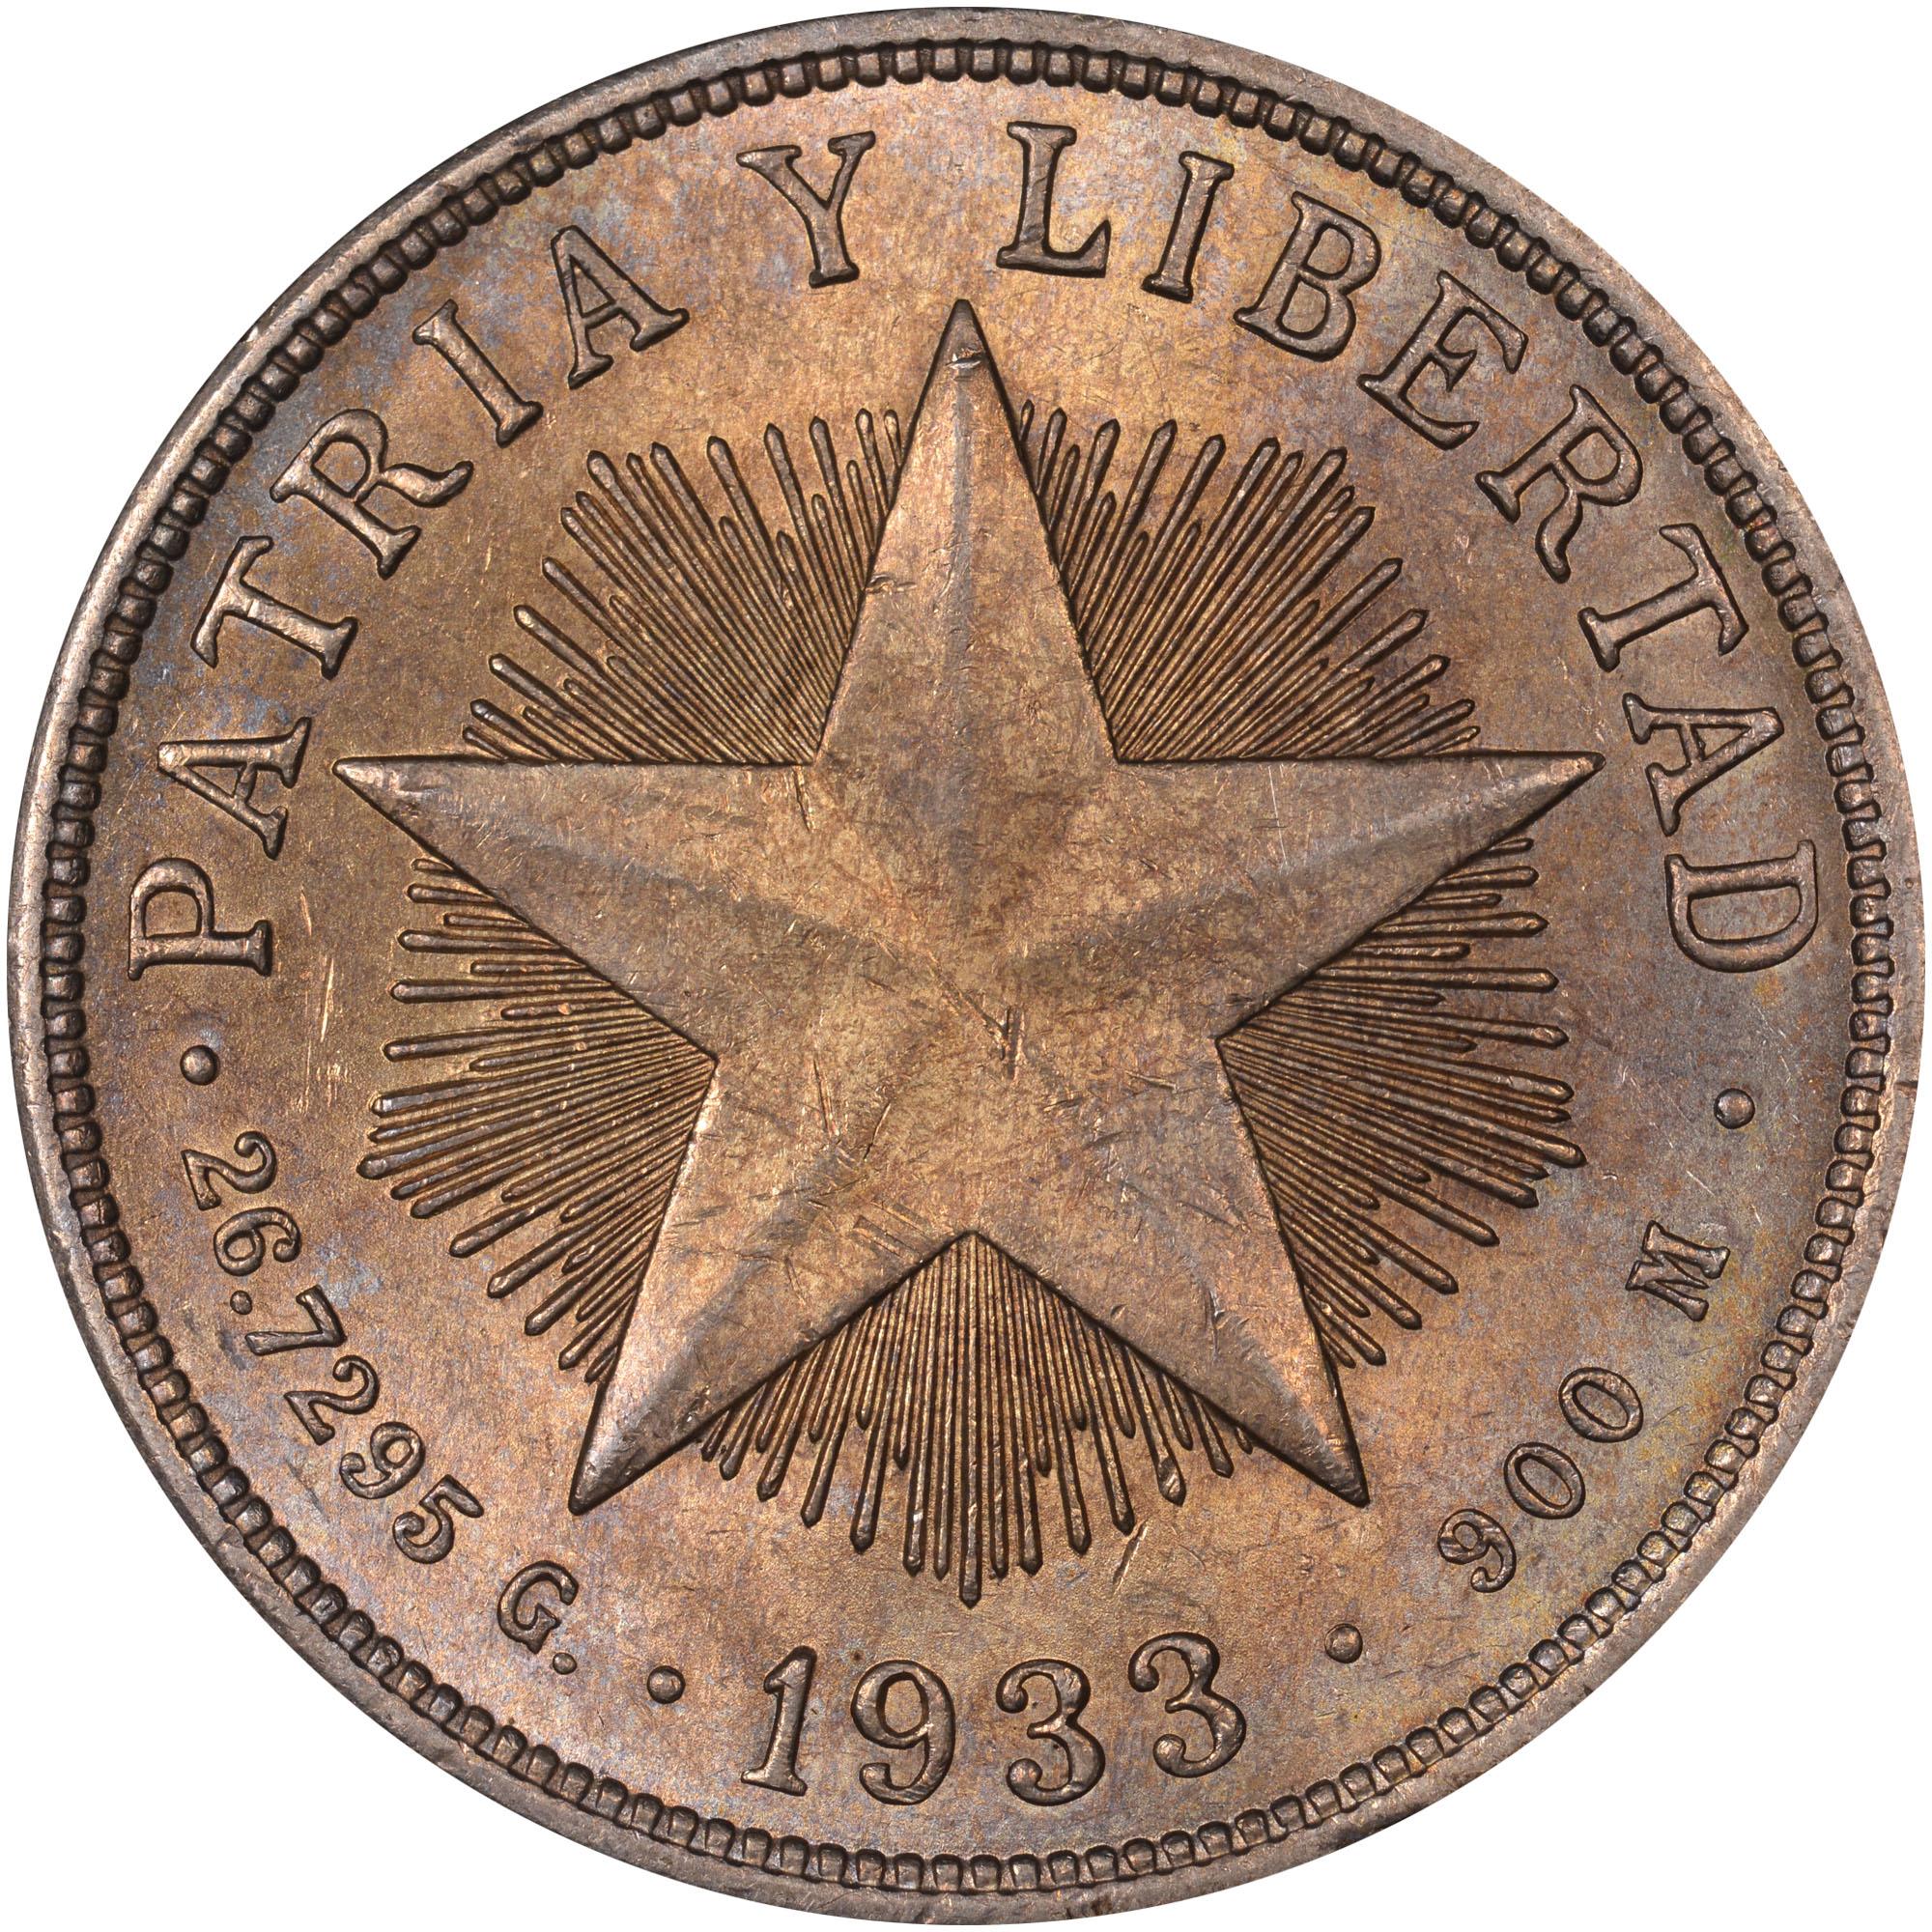 1915-1934 Cuba Peso reverse